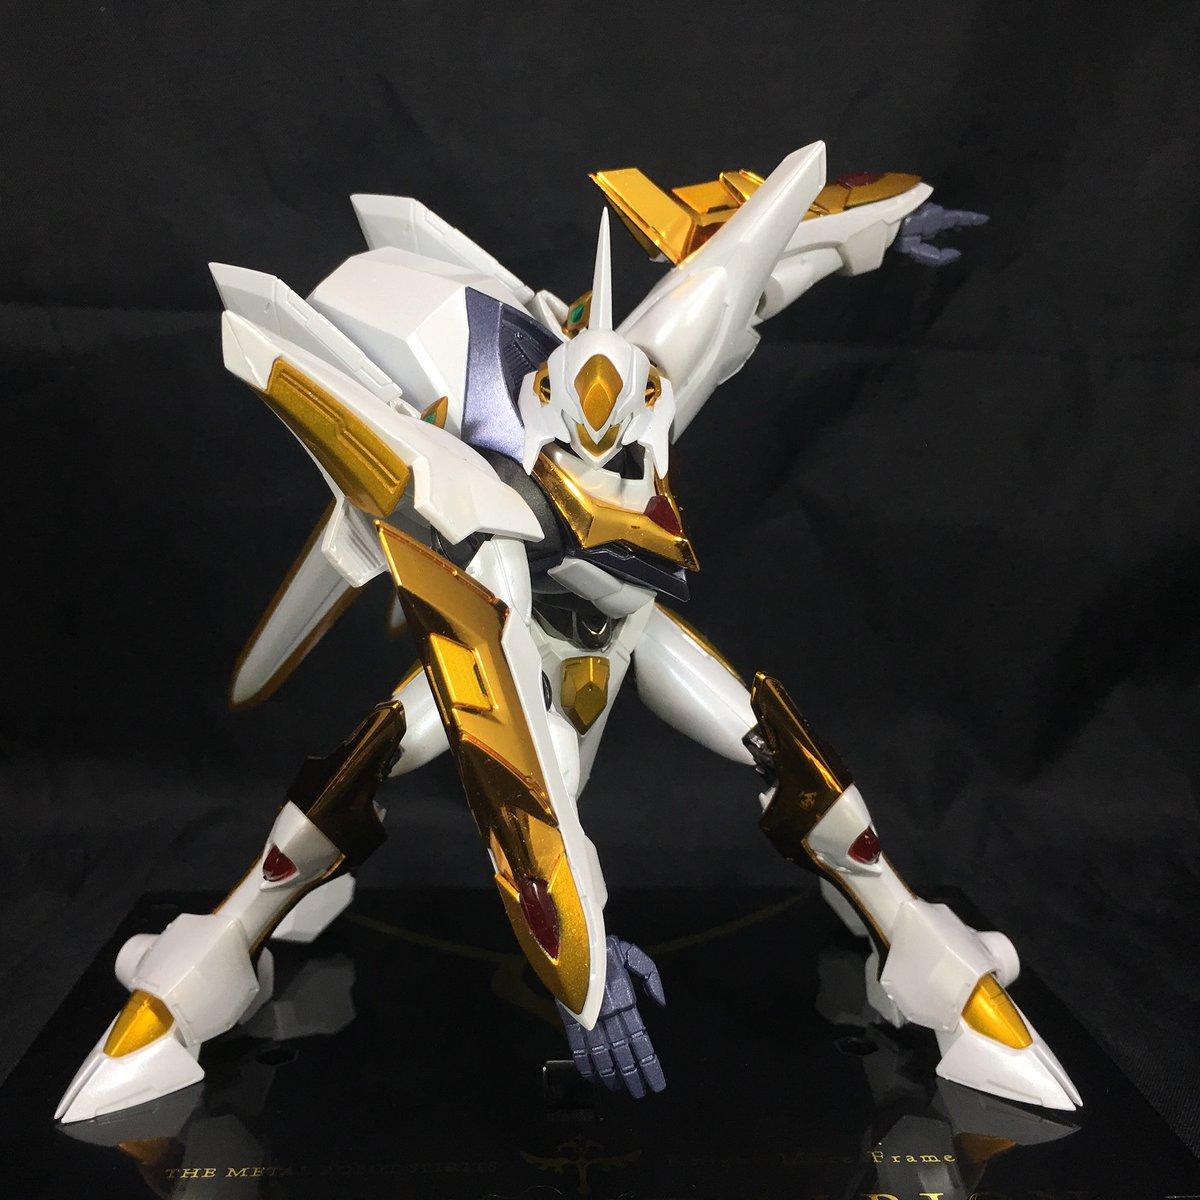 """Gundam : Code Geass - Metal Robot Side KMF """"The Robot Spirits"""" (Bandai) - Page 2 Nz3l6Lvw_o"""